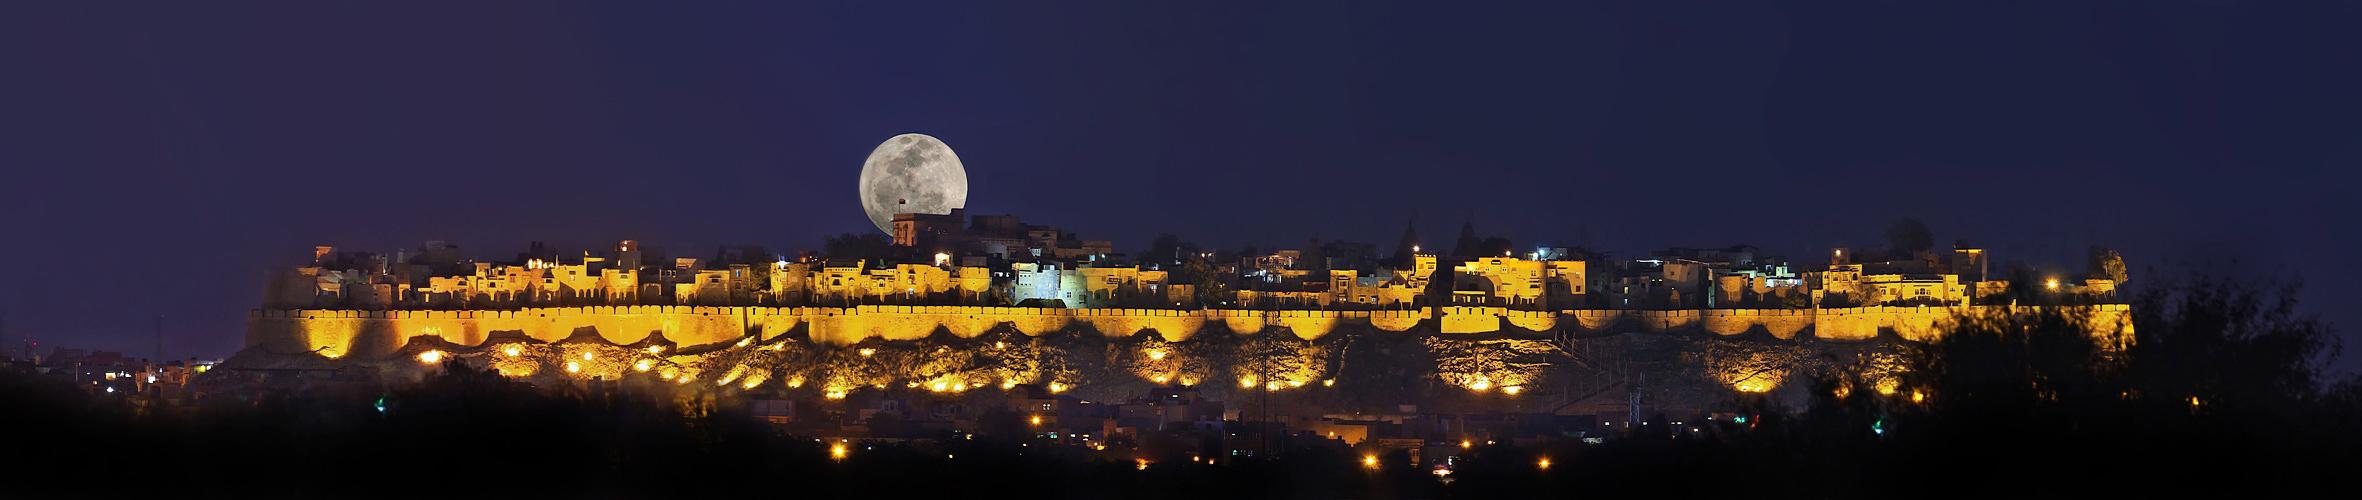 moonrise at Jaisalmer